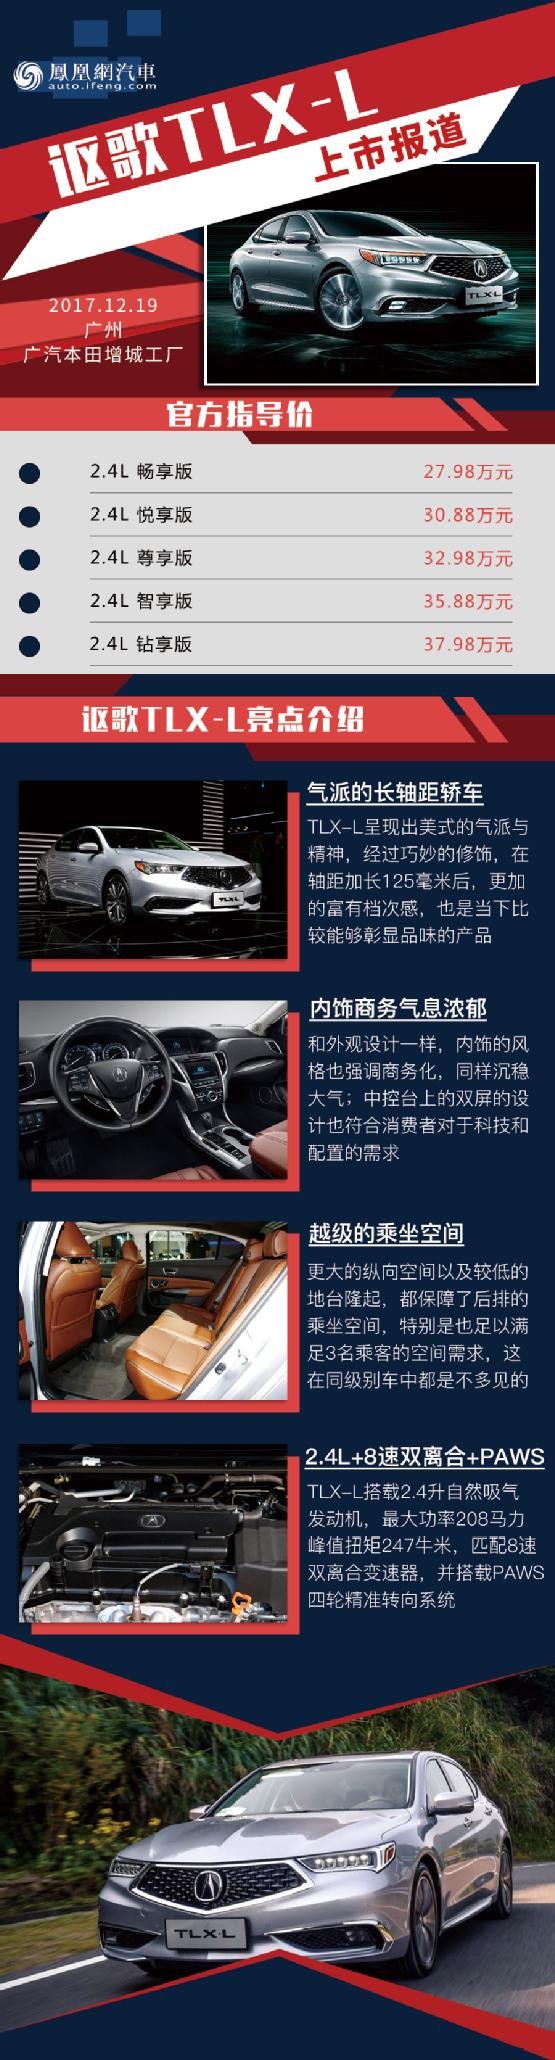 讴歌TLX-L正式上市 售27.98-37.98万元_凤凰网汽车_凤凰网